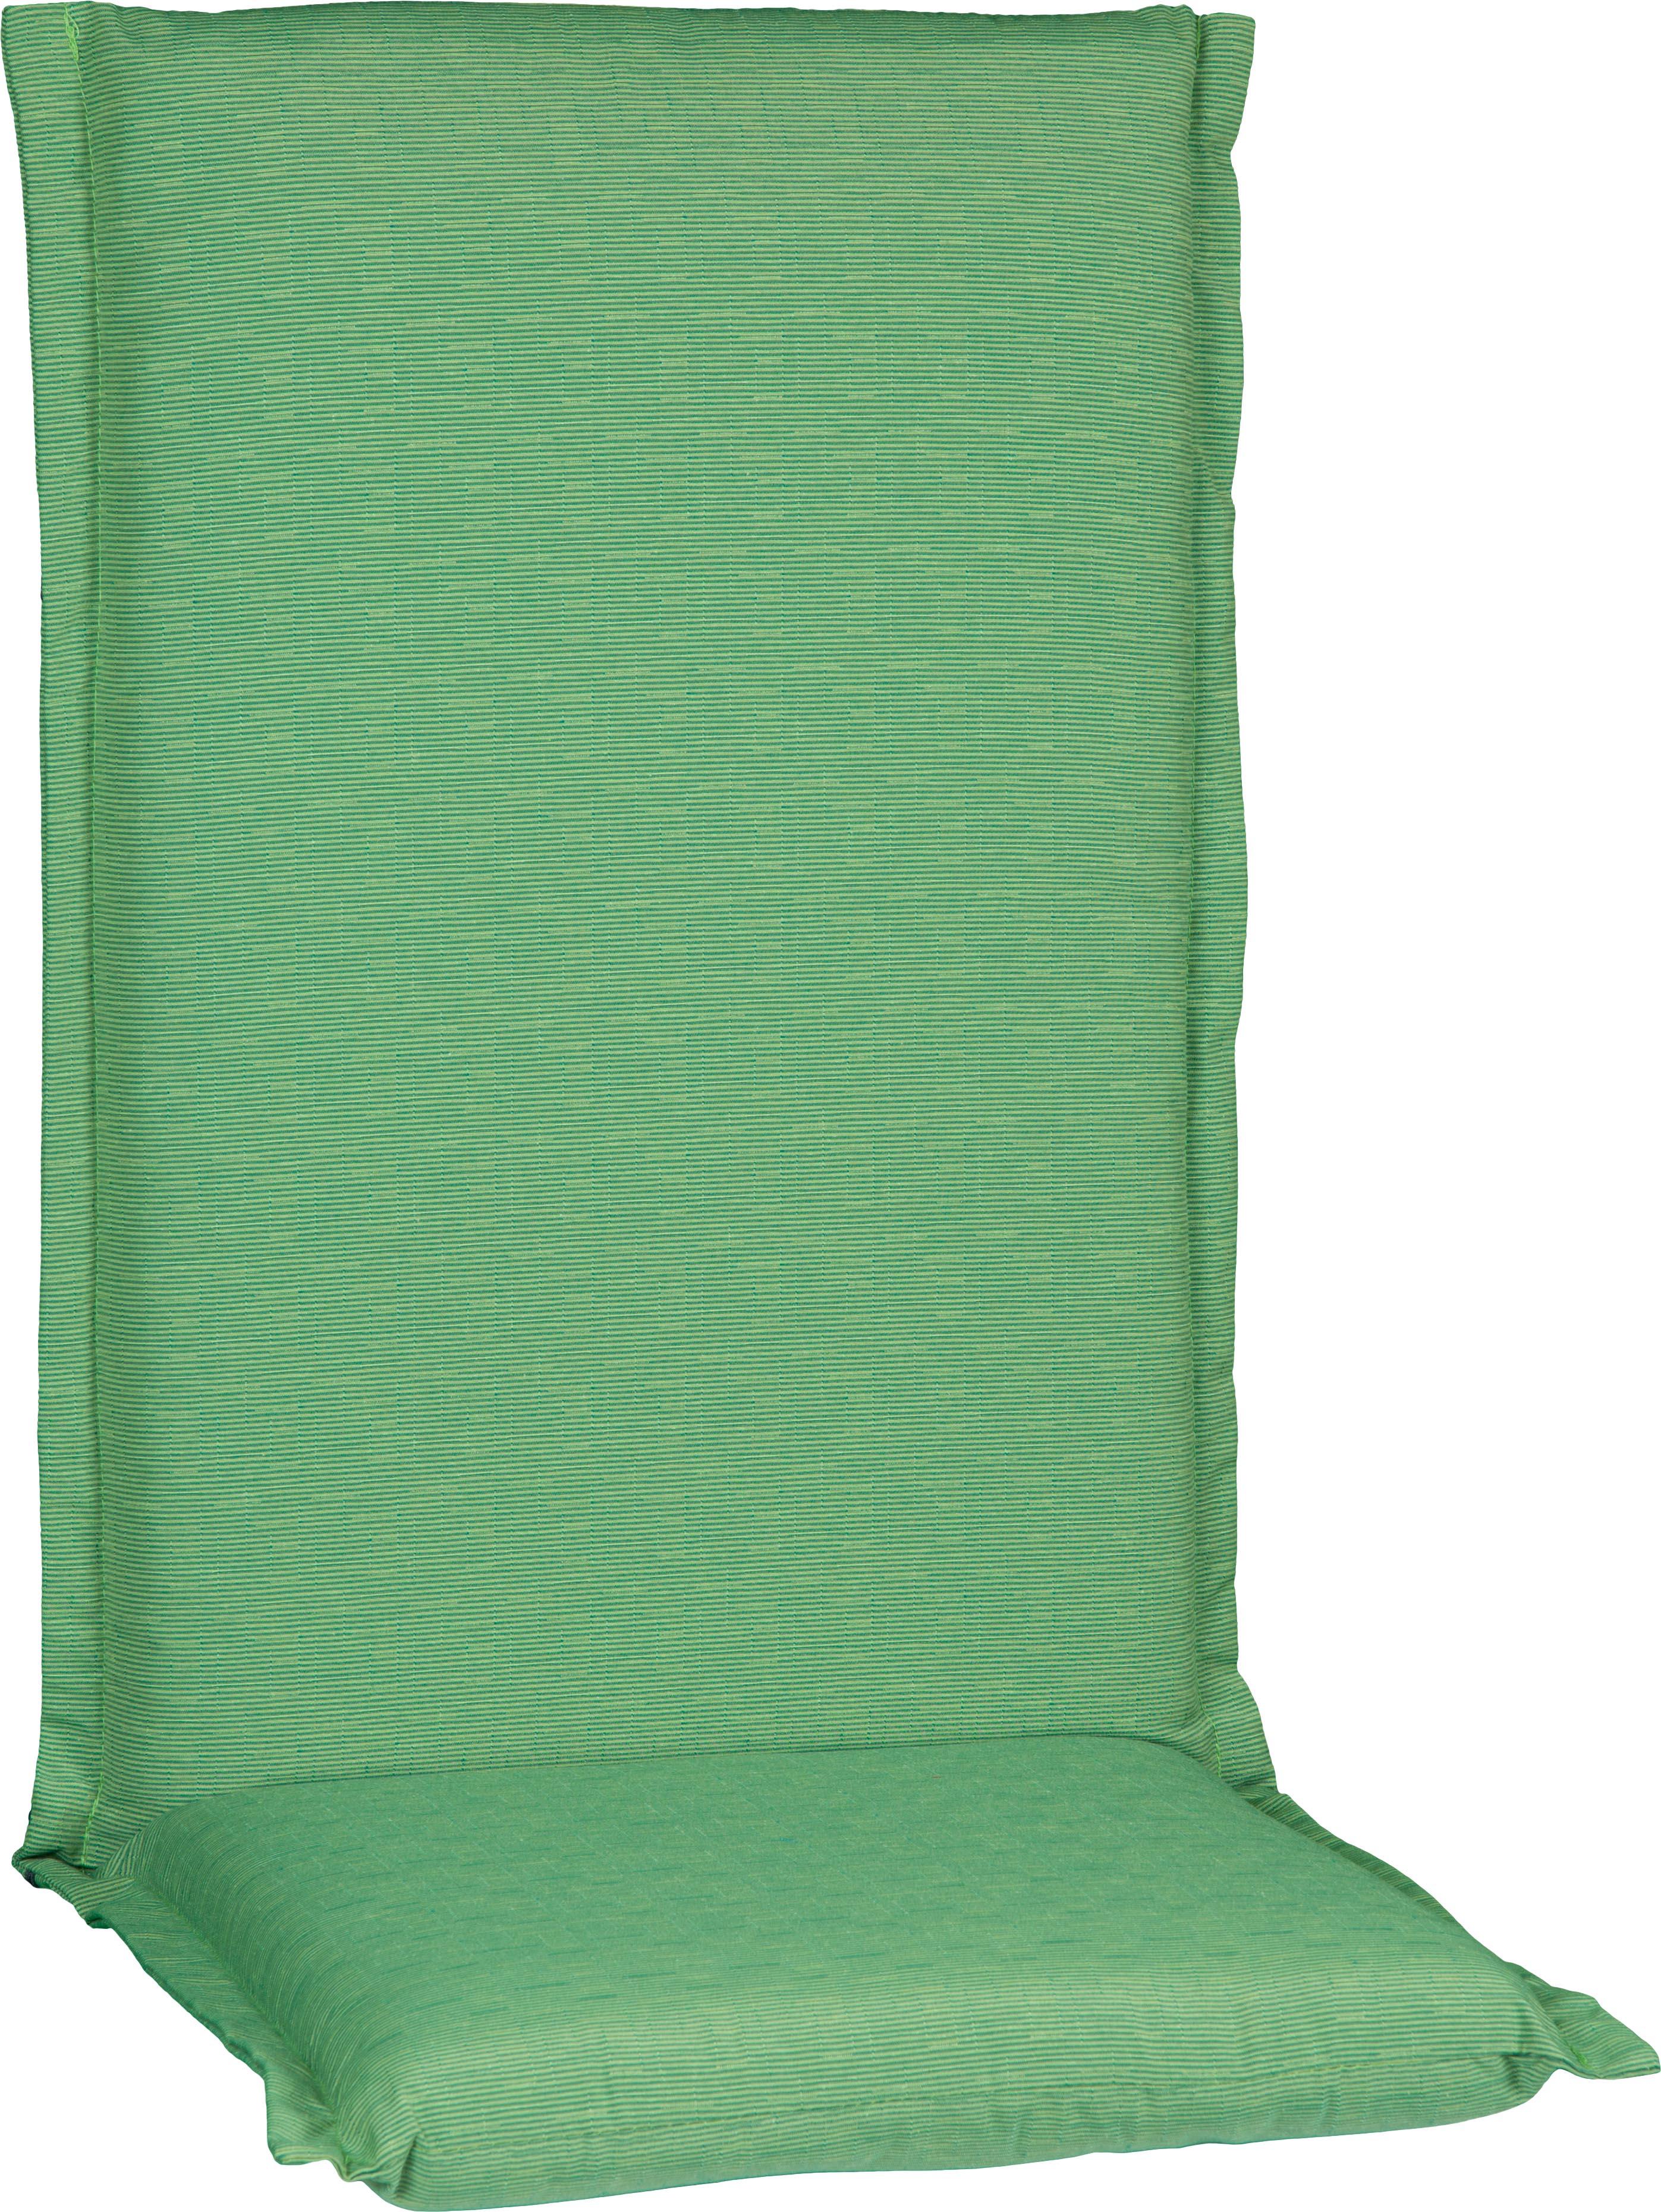 Premium Hochlehner Kissen hellgrün P211 Querstreifen Struktur Bezug abnehmbar durch Reissverschlüsse